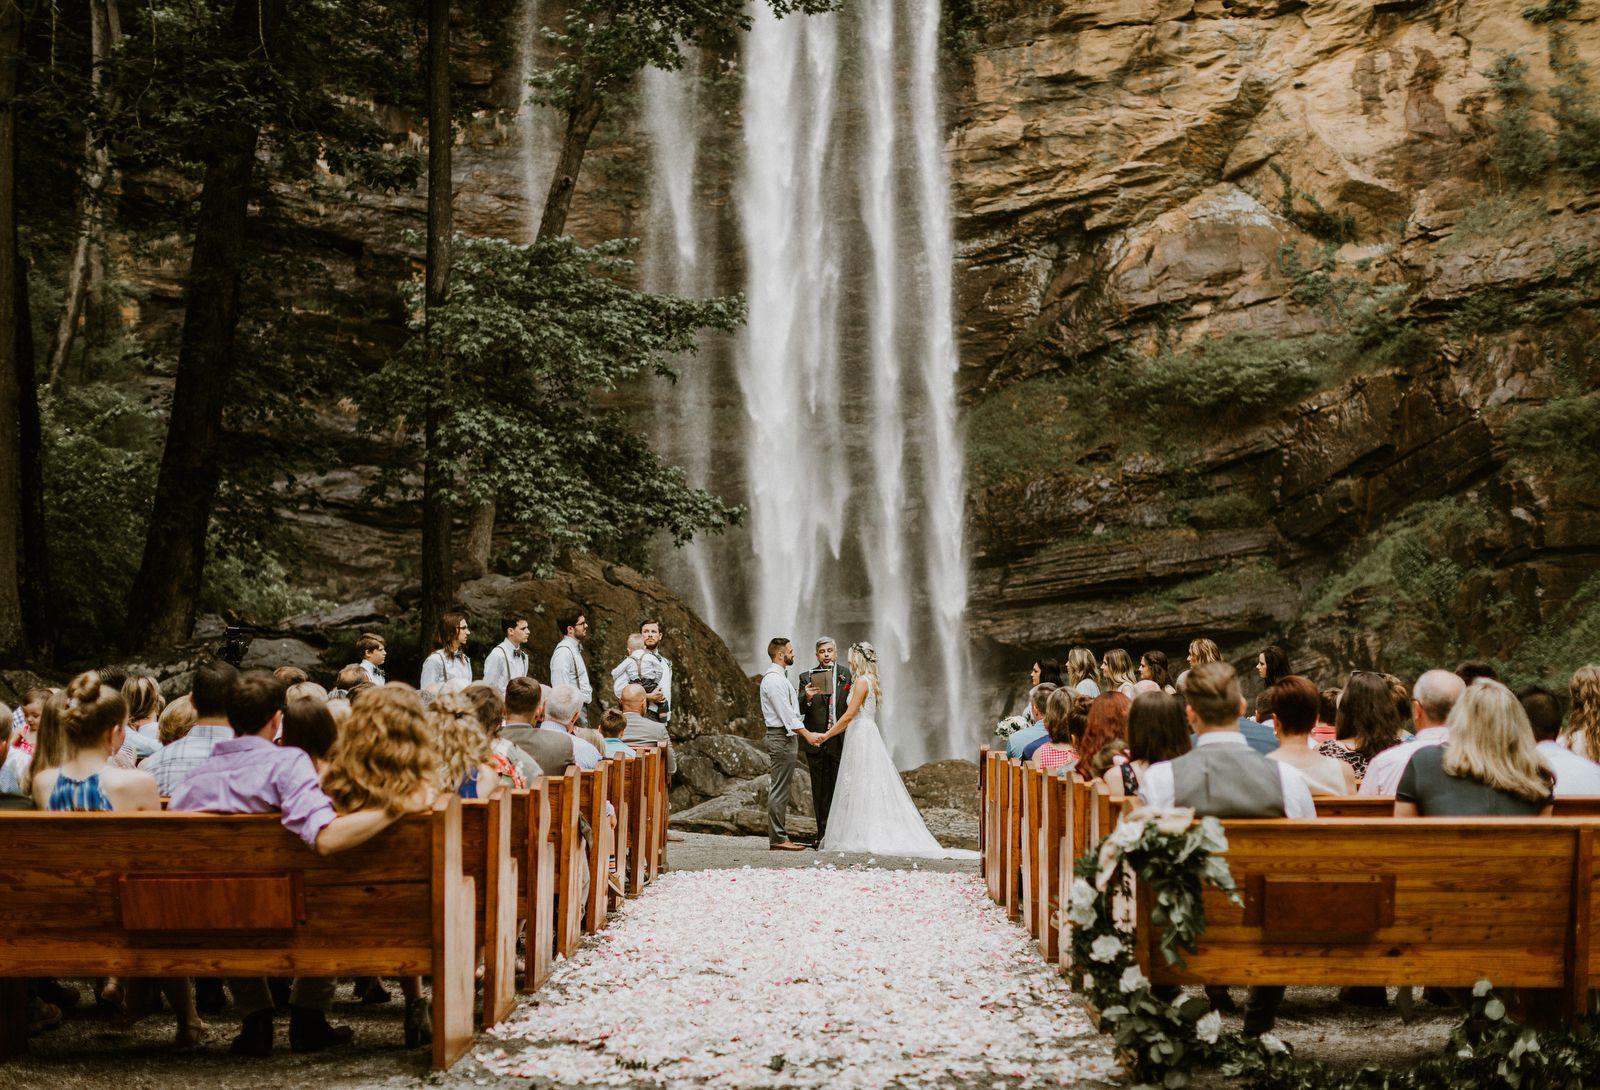 Incredible Waterfall Wedding in Toccoa, GA Waterfall